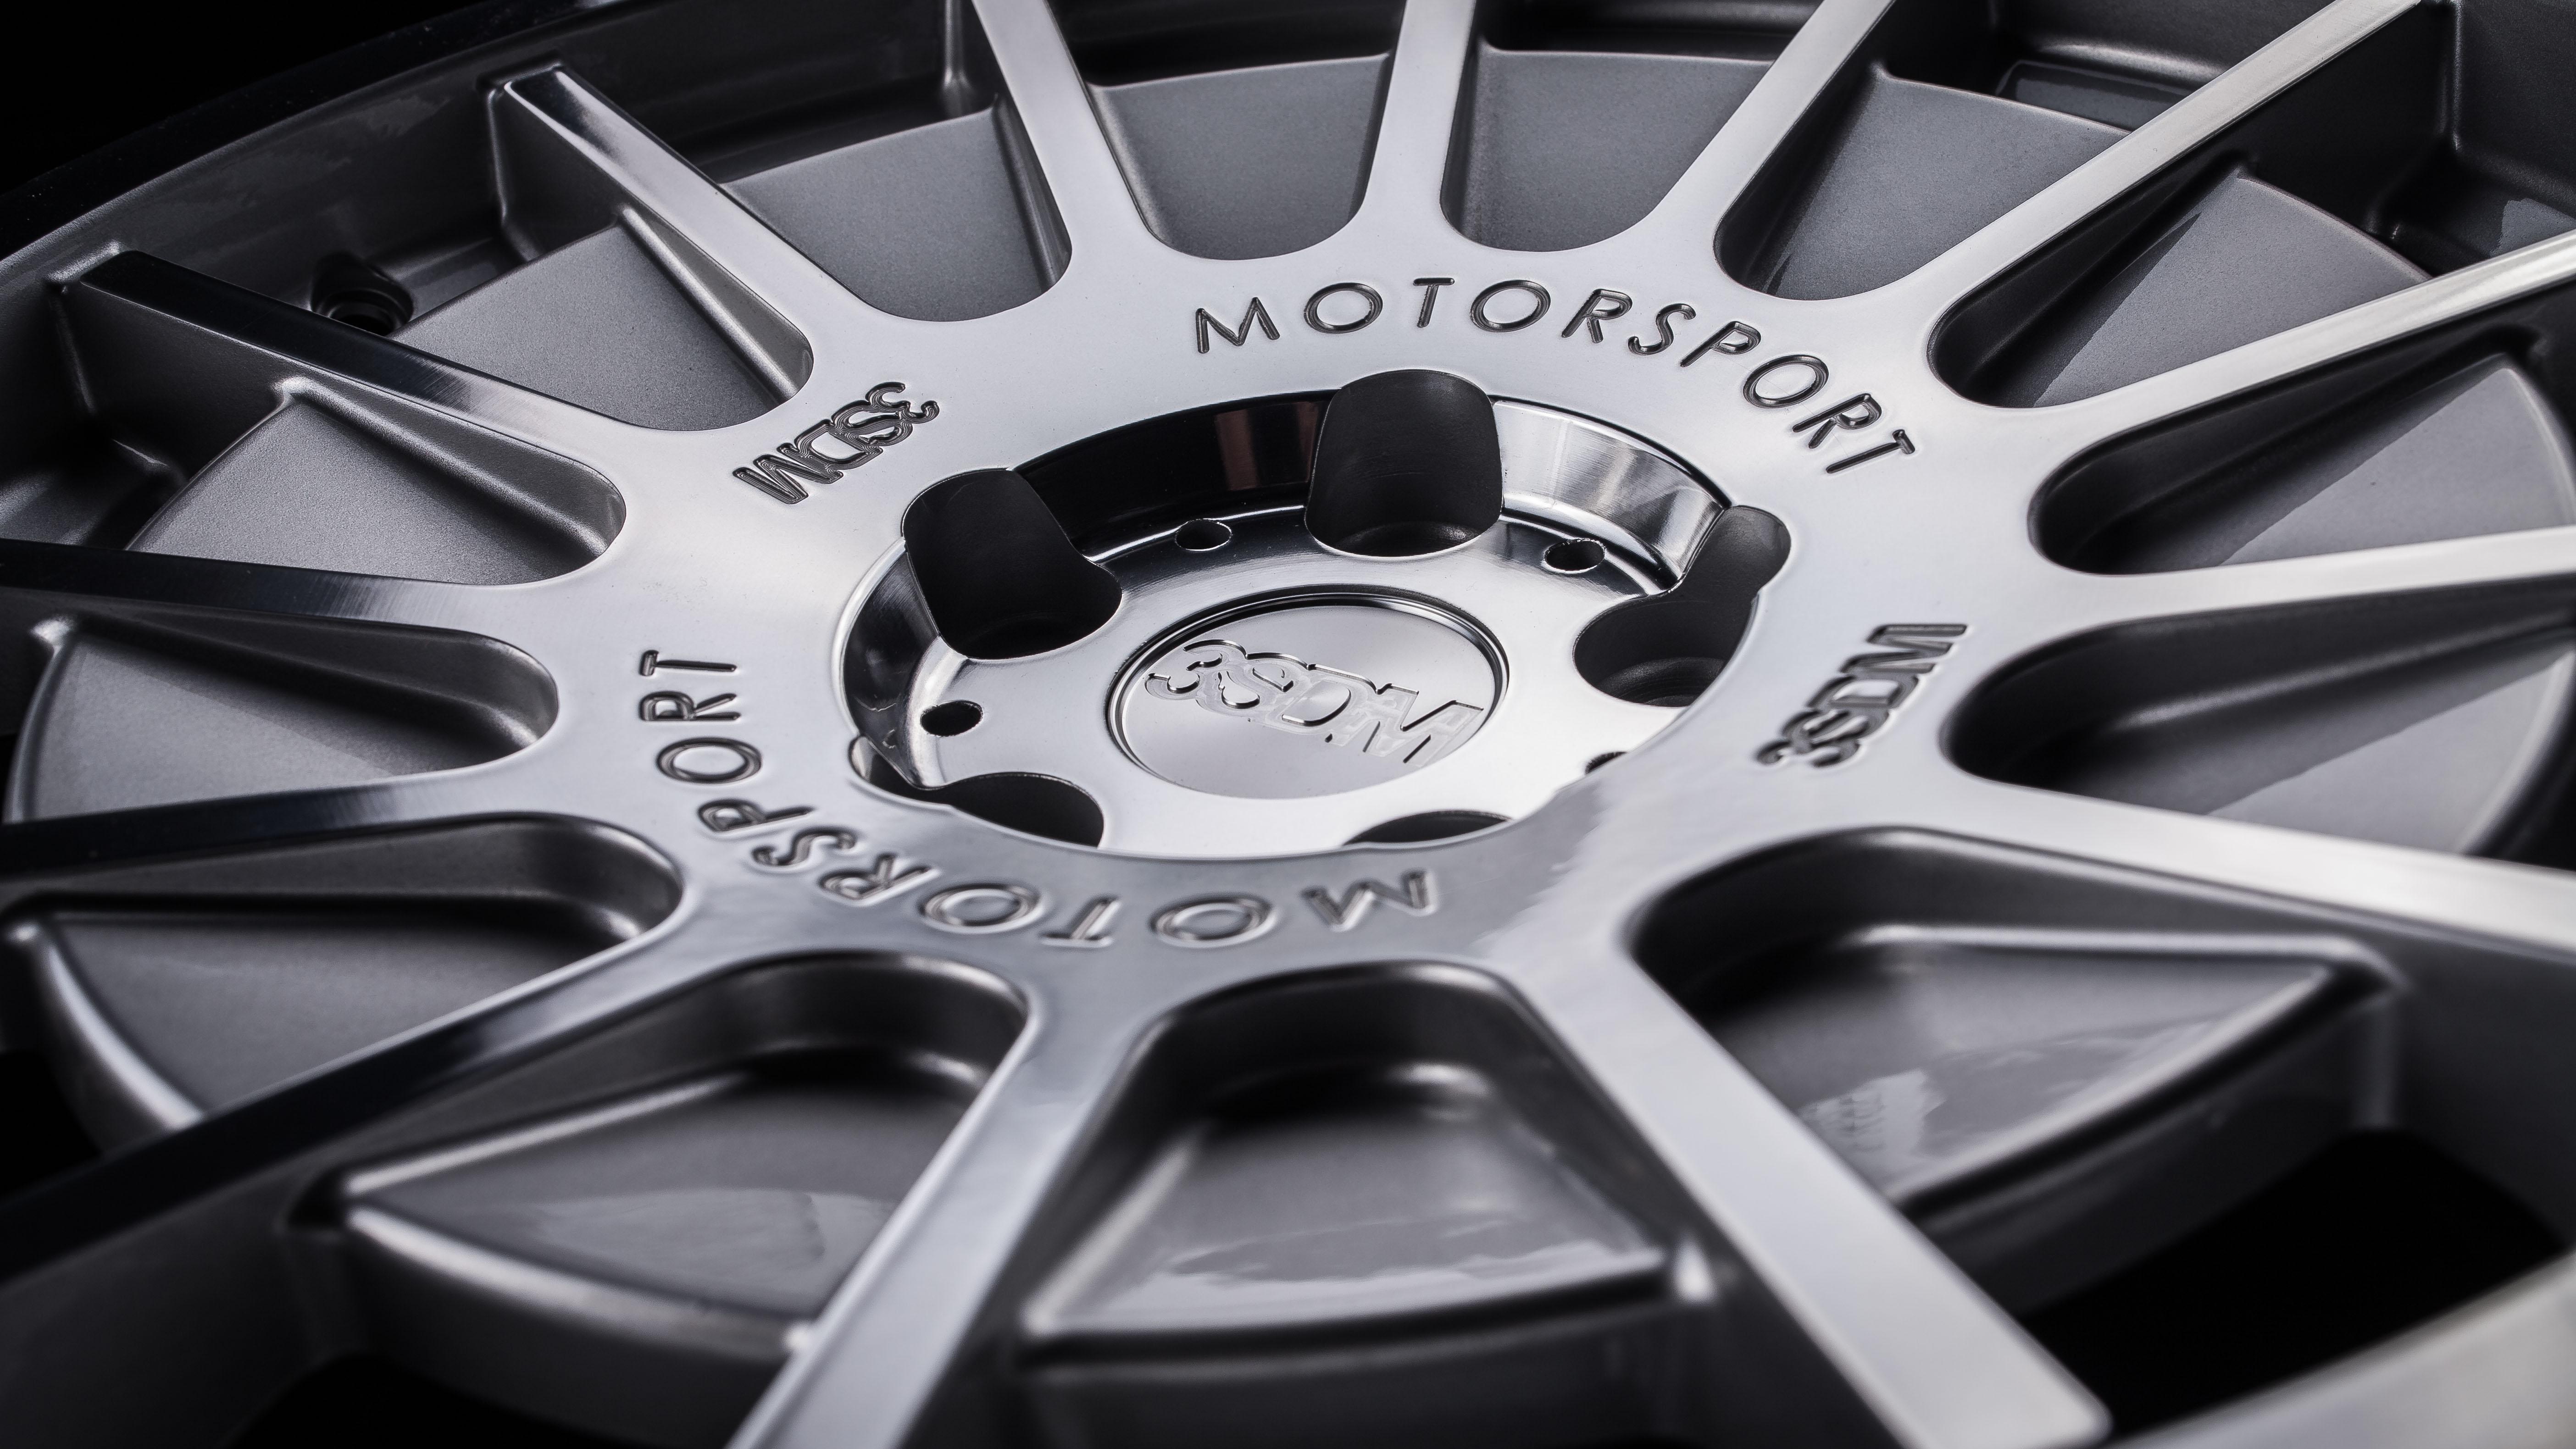 3sdm_050_backdrop - 360 Wheels